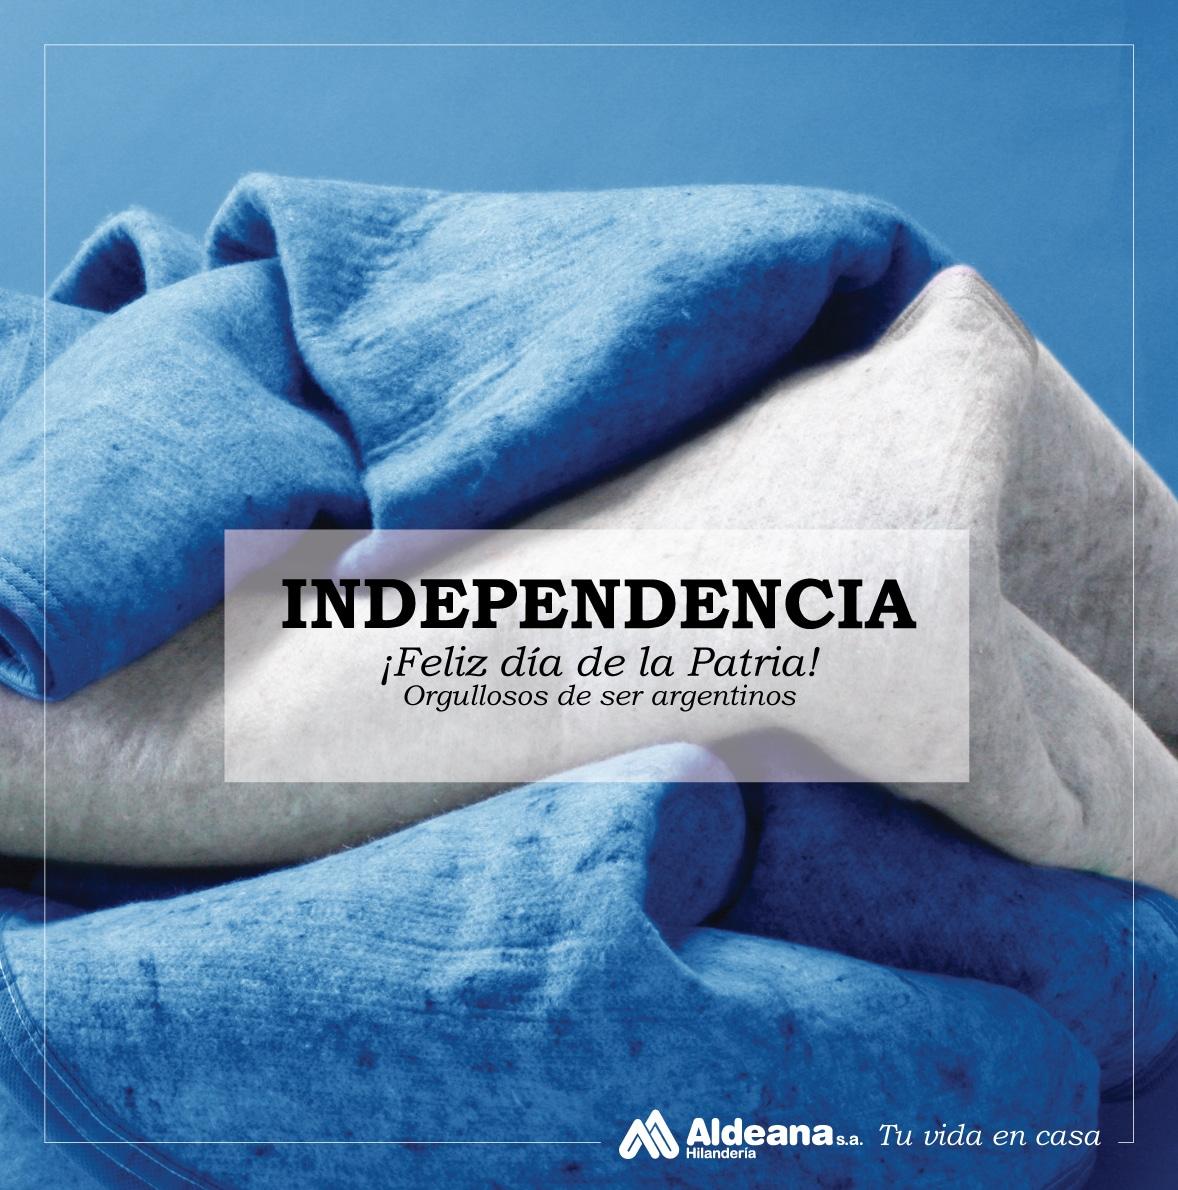 Feliz Día de la Independencia - Hilandería Aldeana